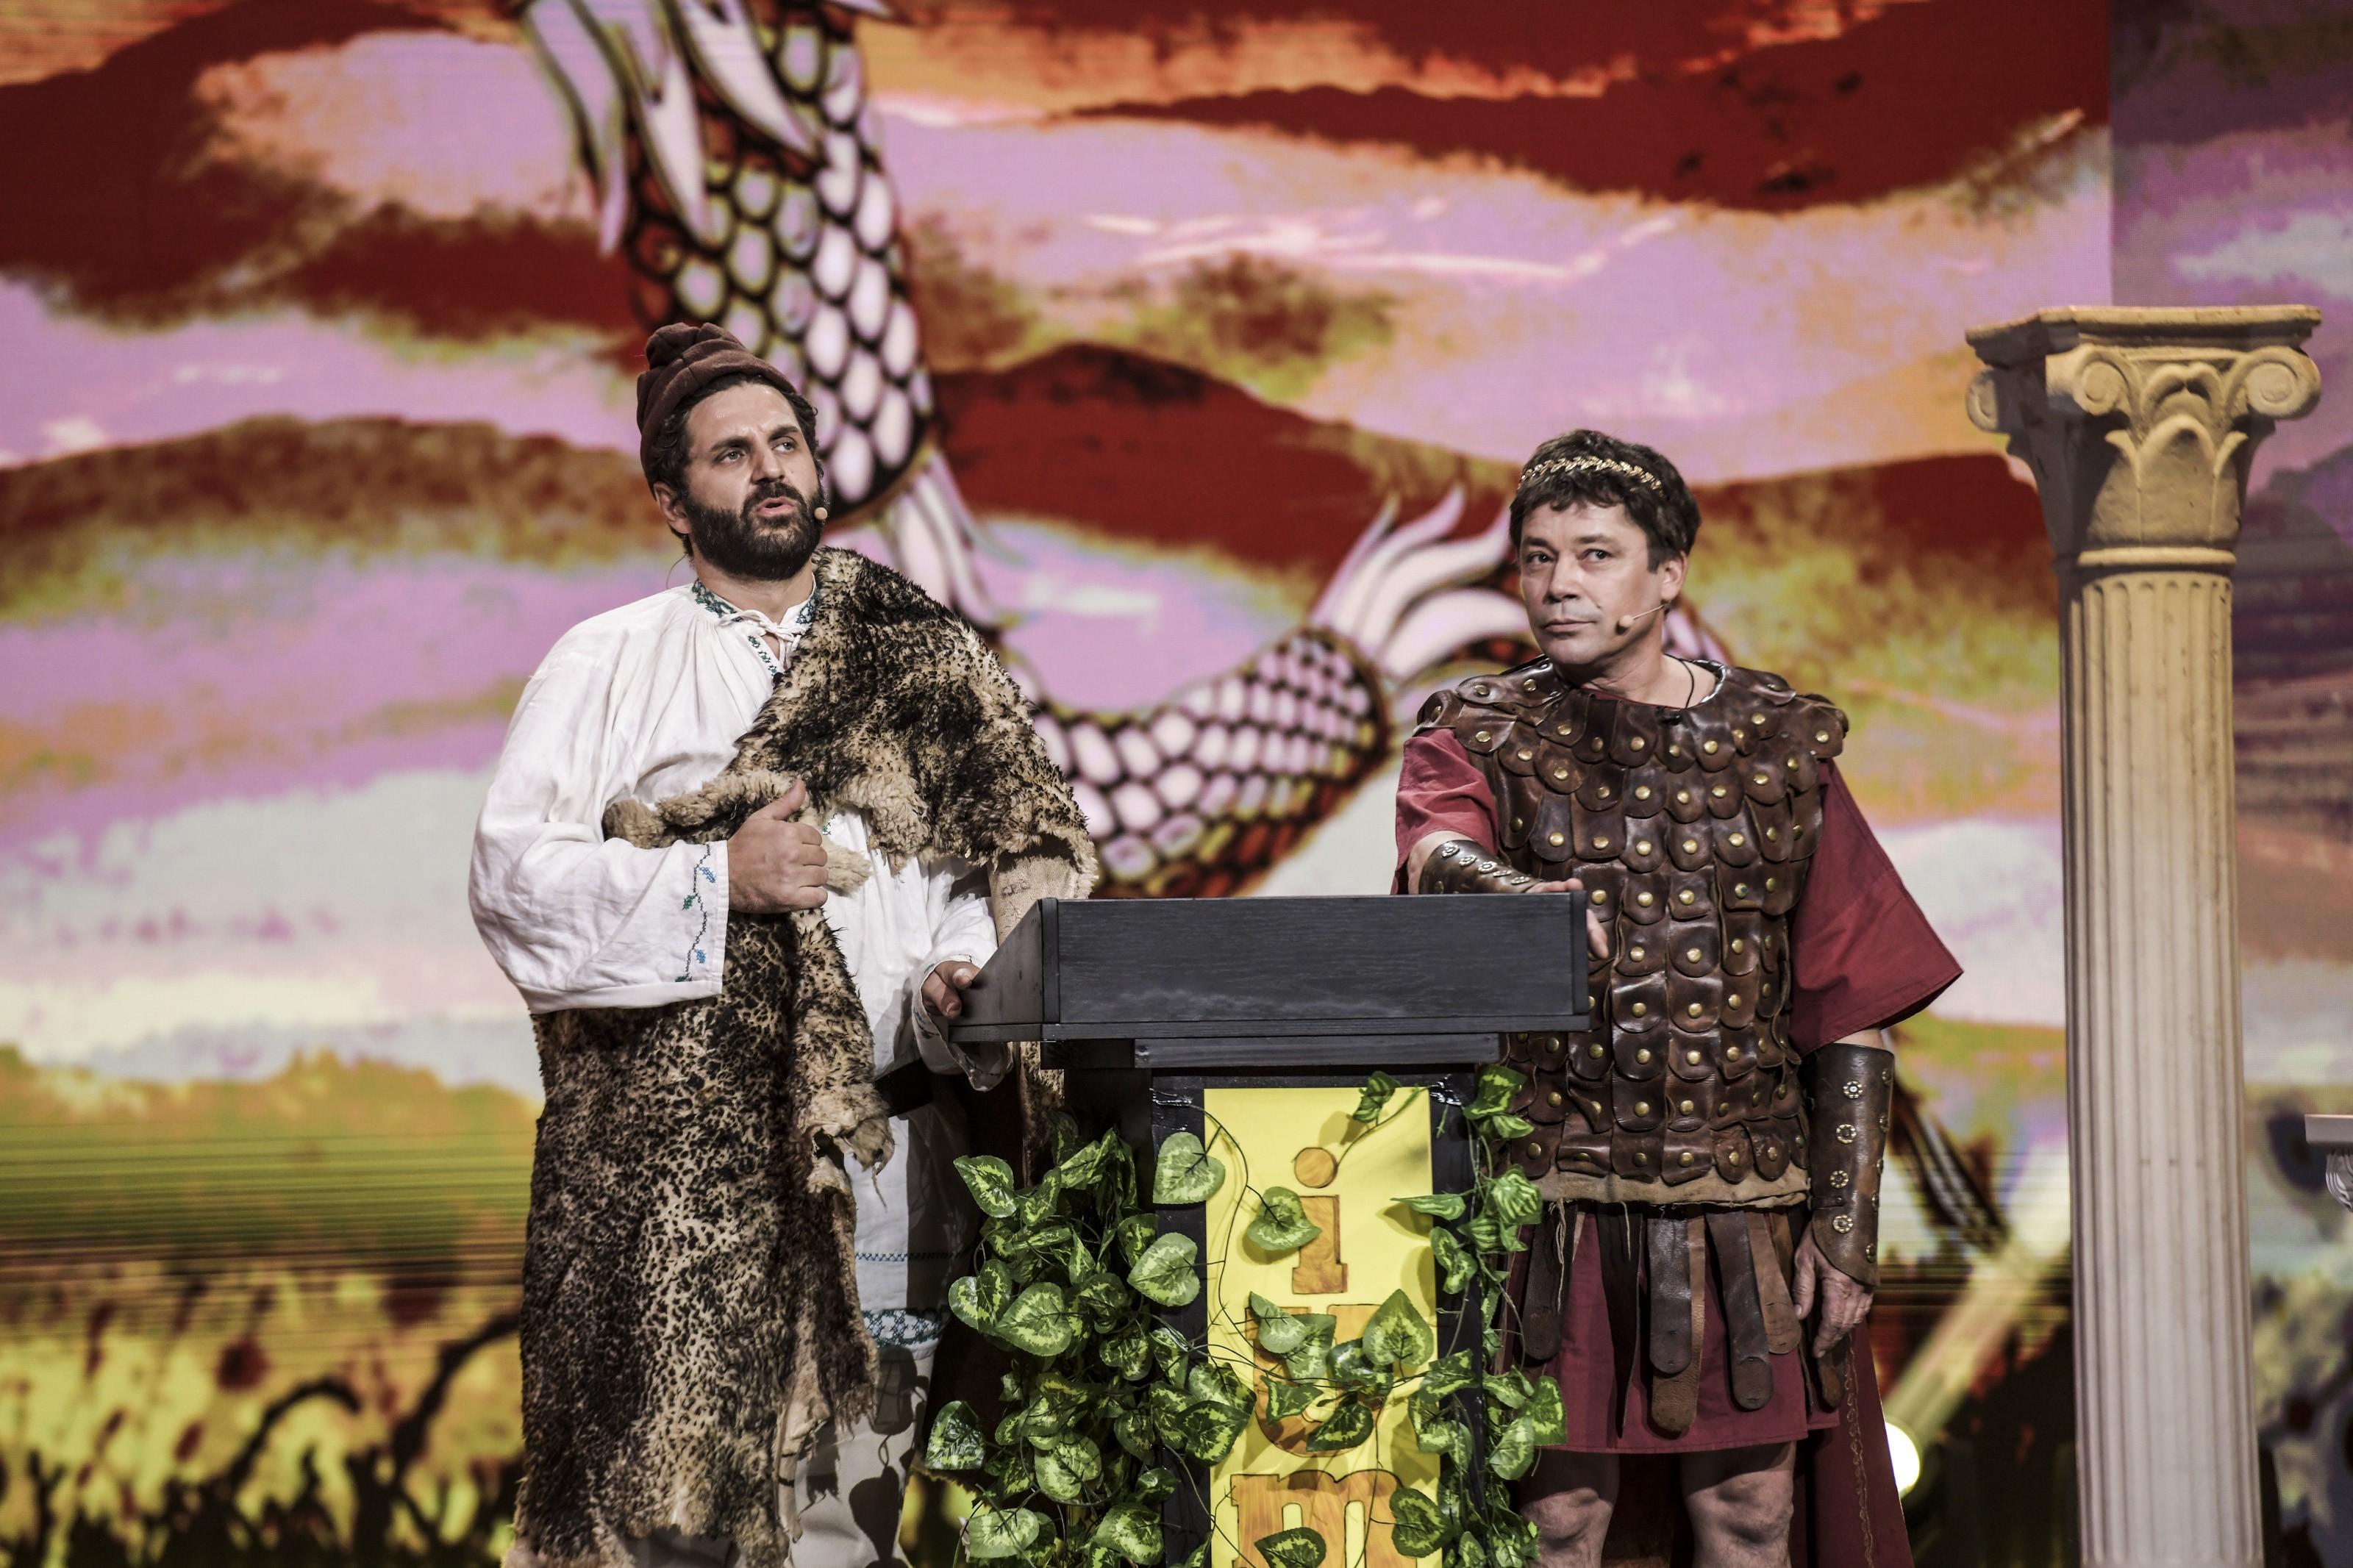 iUmor 1 decembrie 2020 Roast Istoric. Traian și Decebal urcă pe scena iUmor și povestesc cum au pus bazele neamului românesc